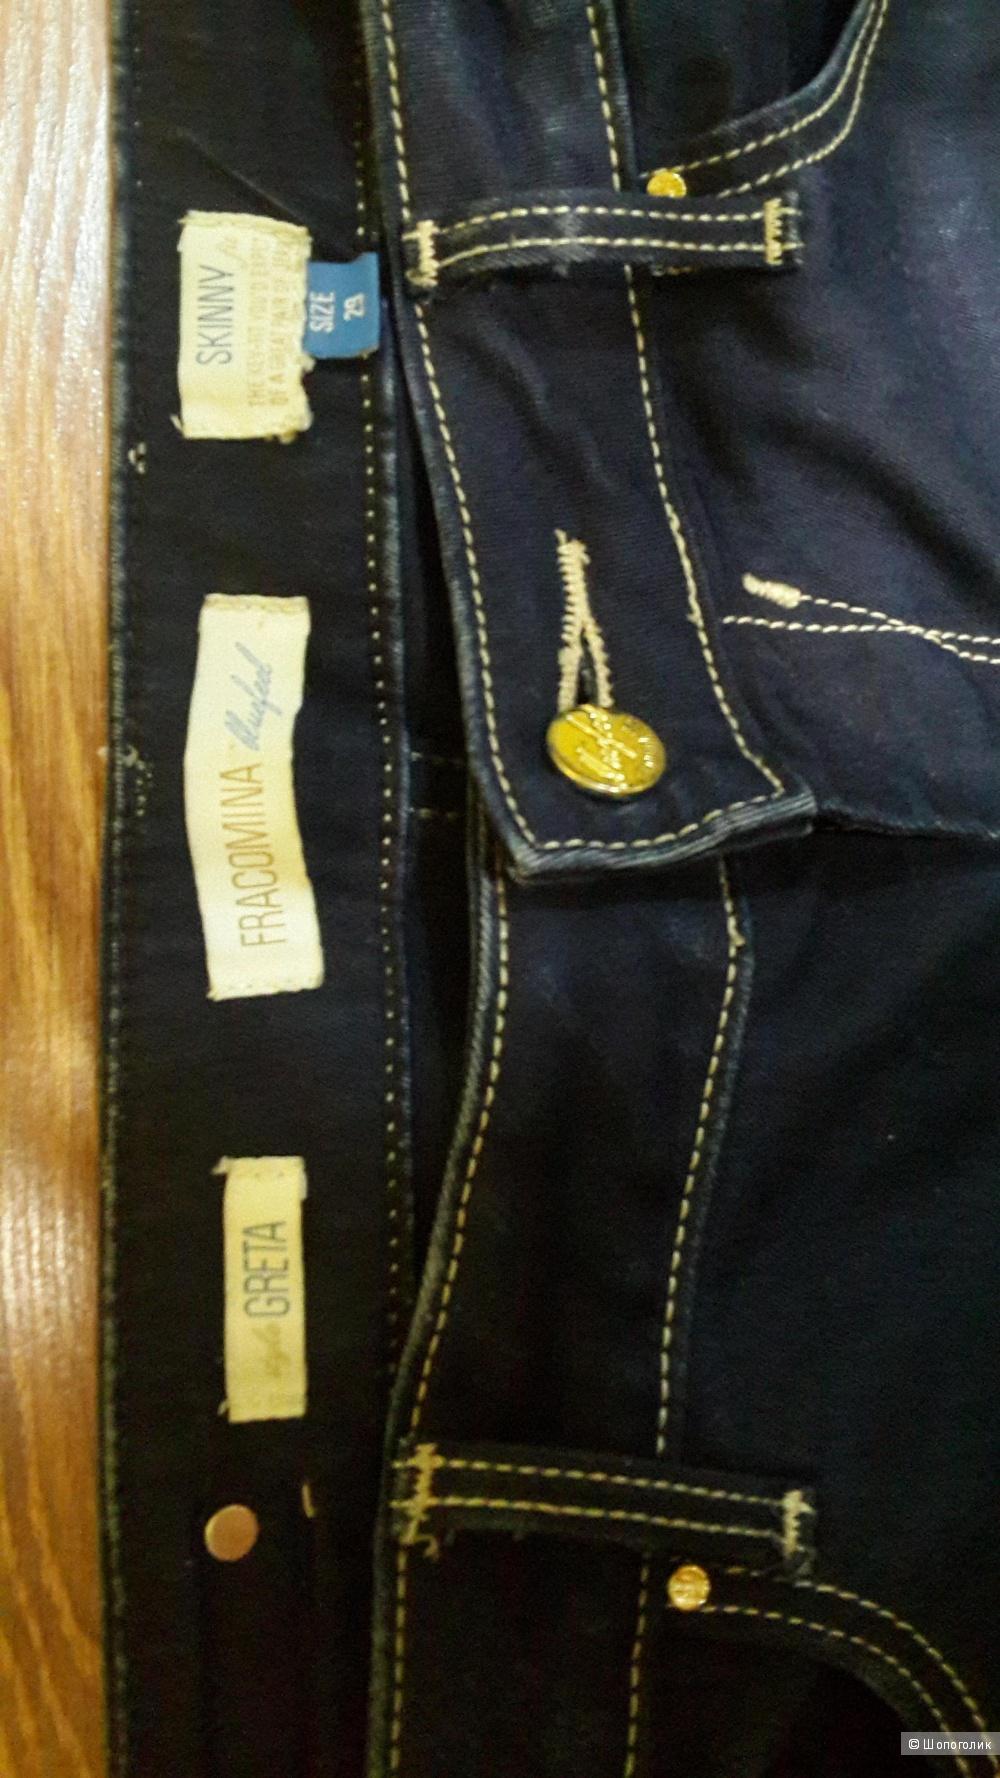 Итальянские брендовые синие джинсы FRACOMINA 29 размер ОБ 100-104 см